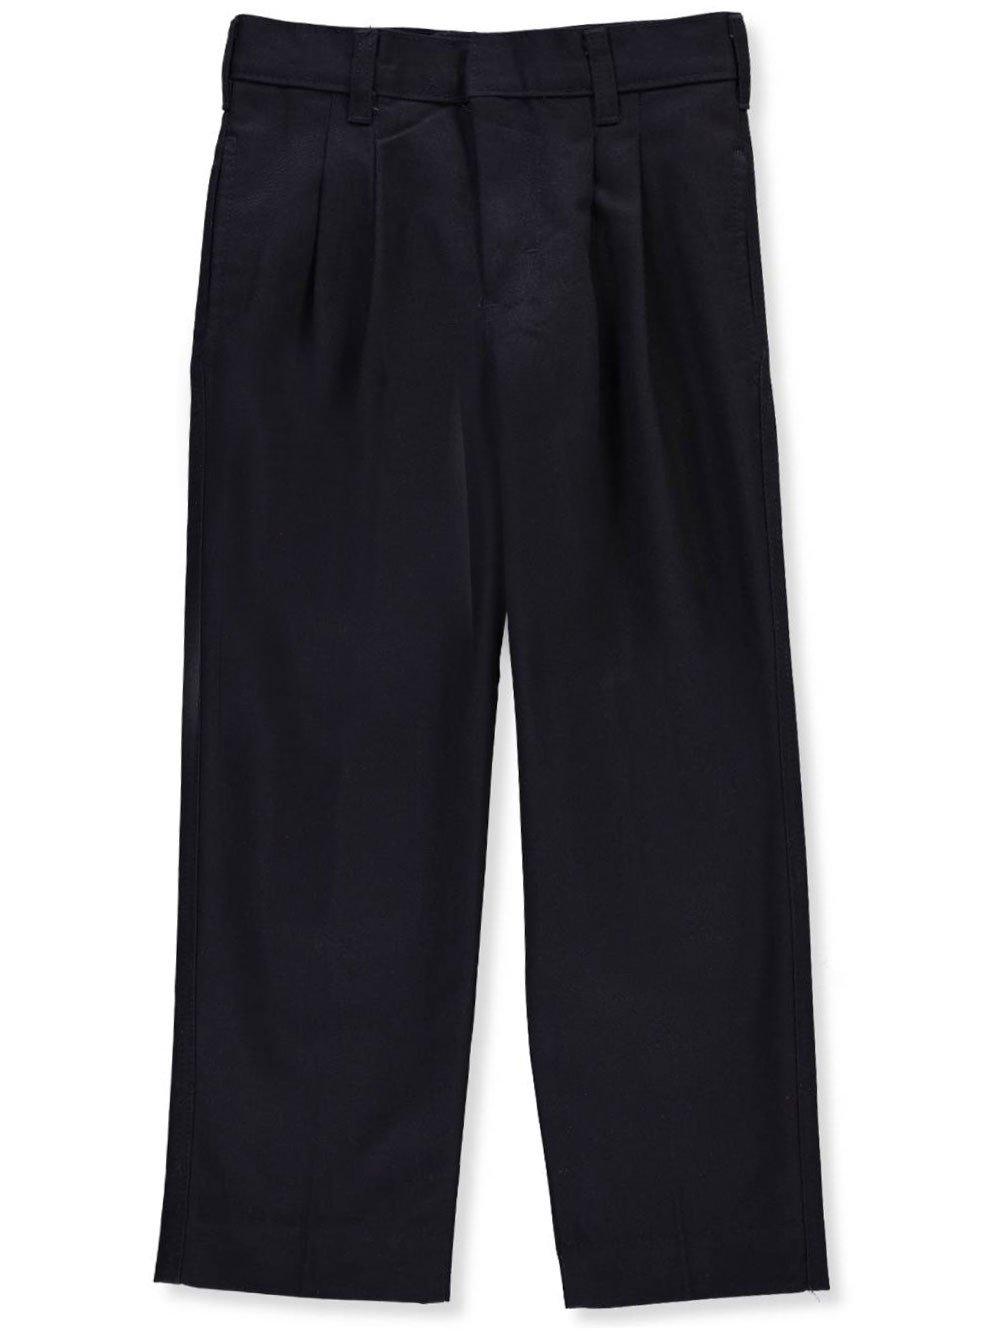 A+++++ Boys' Pleated Uniform Pants